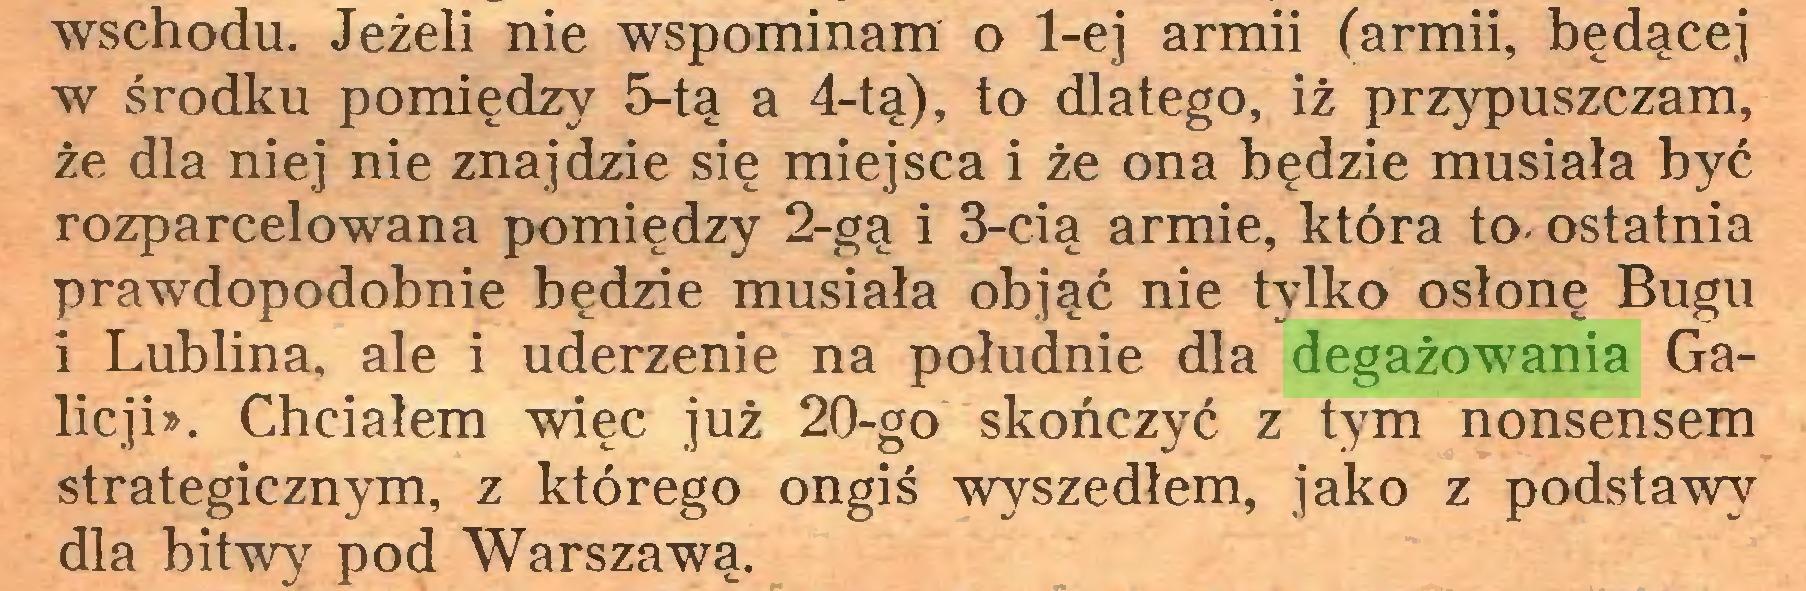 (...) wschodu. Jeżeli nie wspominam o 1-ej armii (armii, będącej w środku pomiędzy 5-tą a 4-tą), to dlatego, iż przypuszczam, że dla niej nie znajdzie się miejsca i że ona będzie musiała być rozparcelowana pomiędzy 2-gą i 3-cią armie, która to- ostatnia prawdopodobnie będzie musiała objąć nie tylko osłonę Bugu i Lublina, ale i uderzenie na południe dla degażowania Galicji». Chciałem więc już 20-go skończyć z tym nonsensem strategicznym, z którego ongiś wyszedłem, jako z podstawy dla bitwy pod Warszawą...